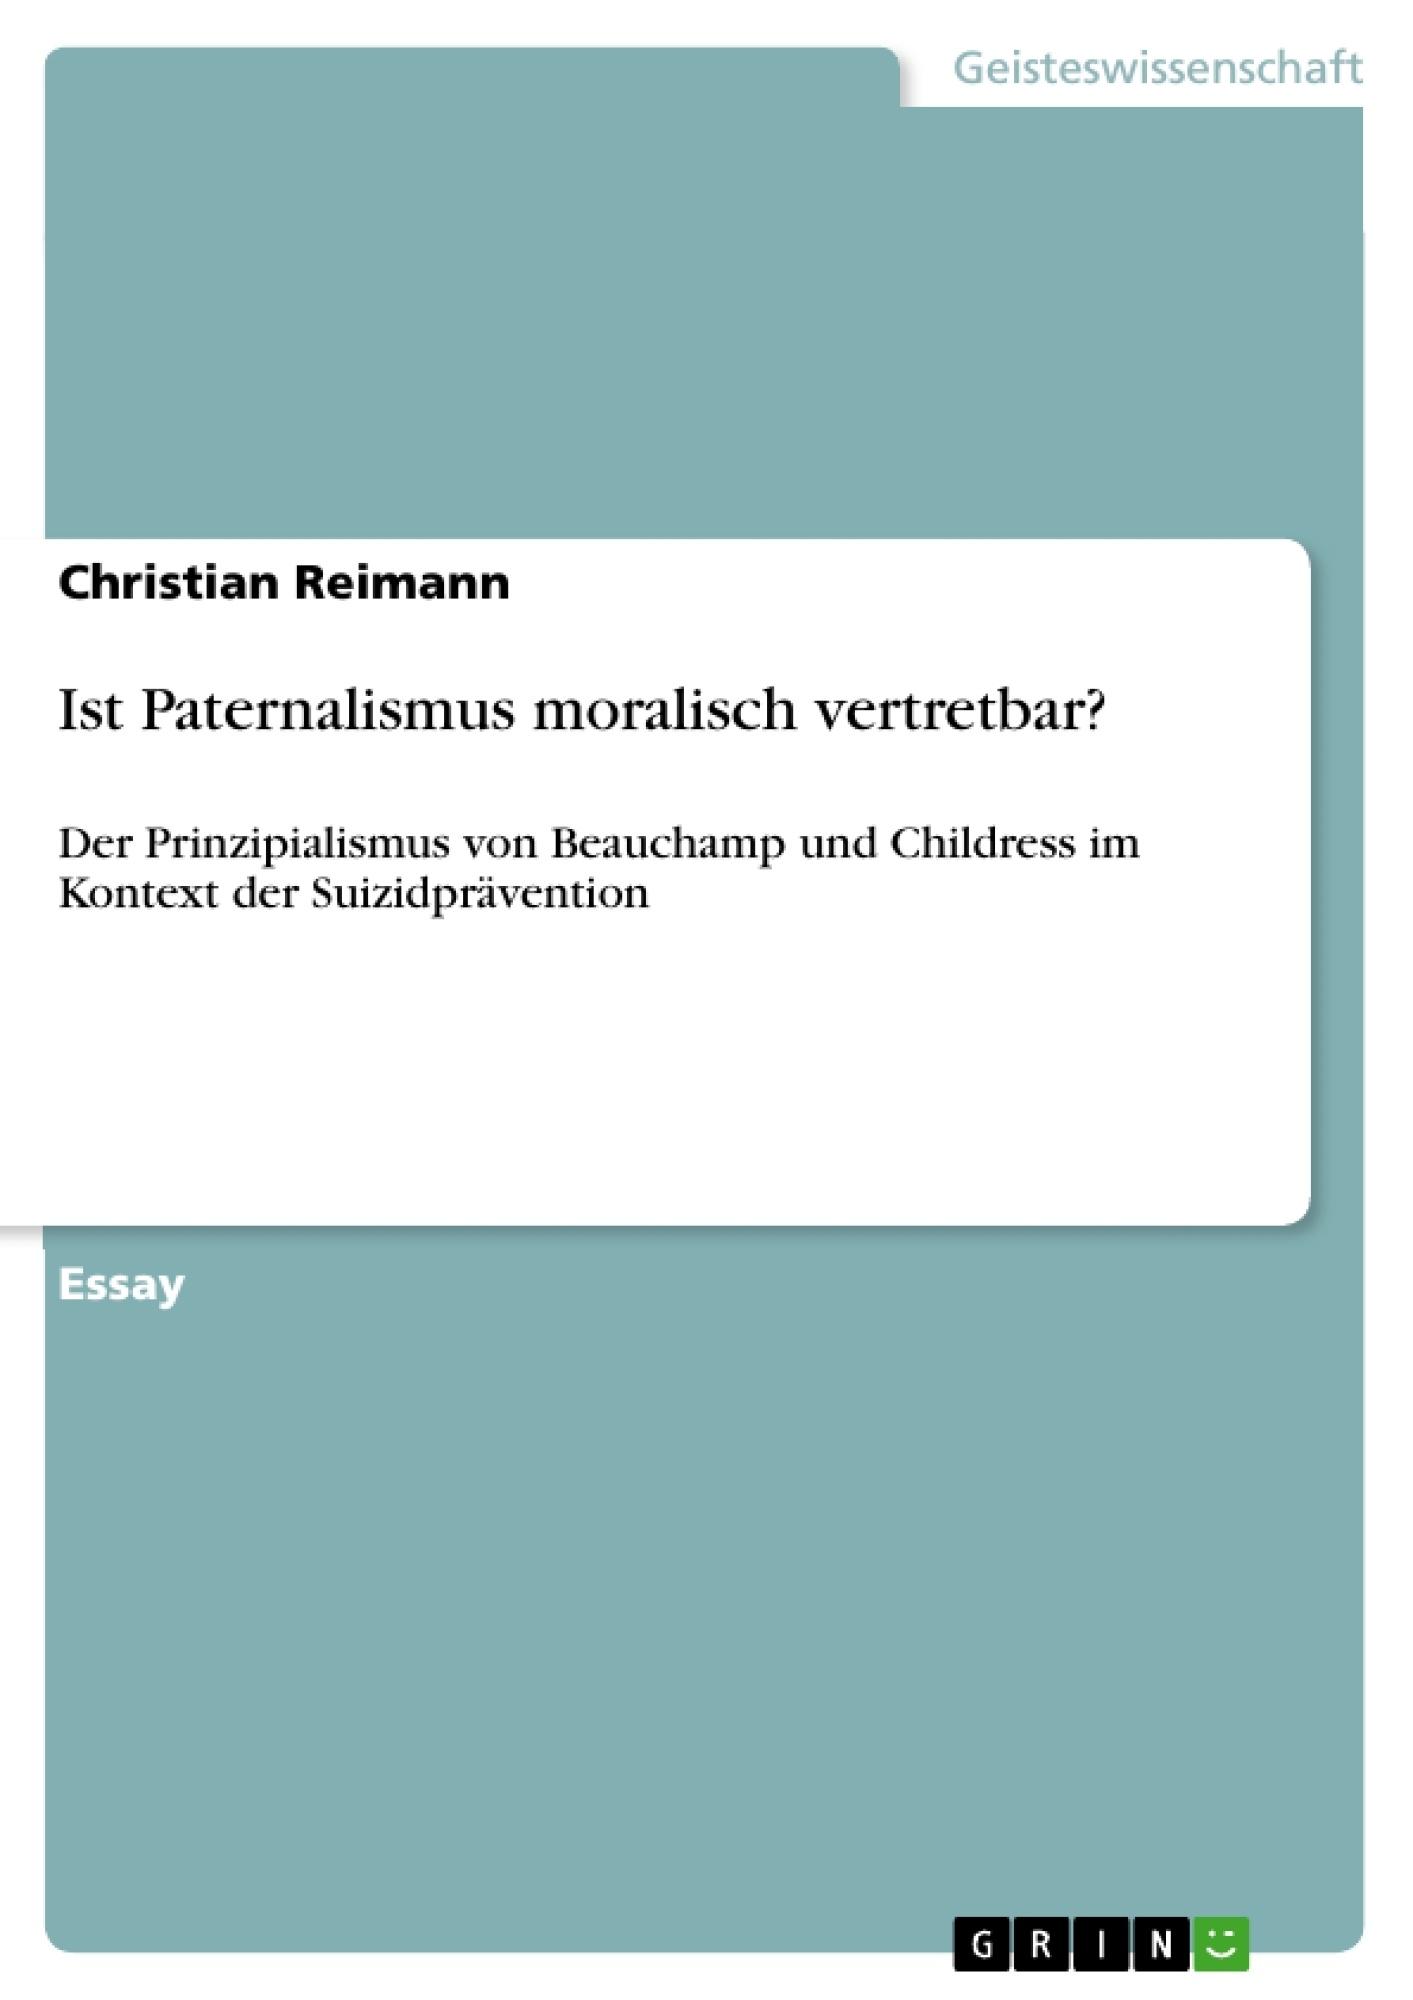 Titel: Ist Paternalismus moralisch vertretbar?